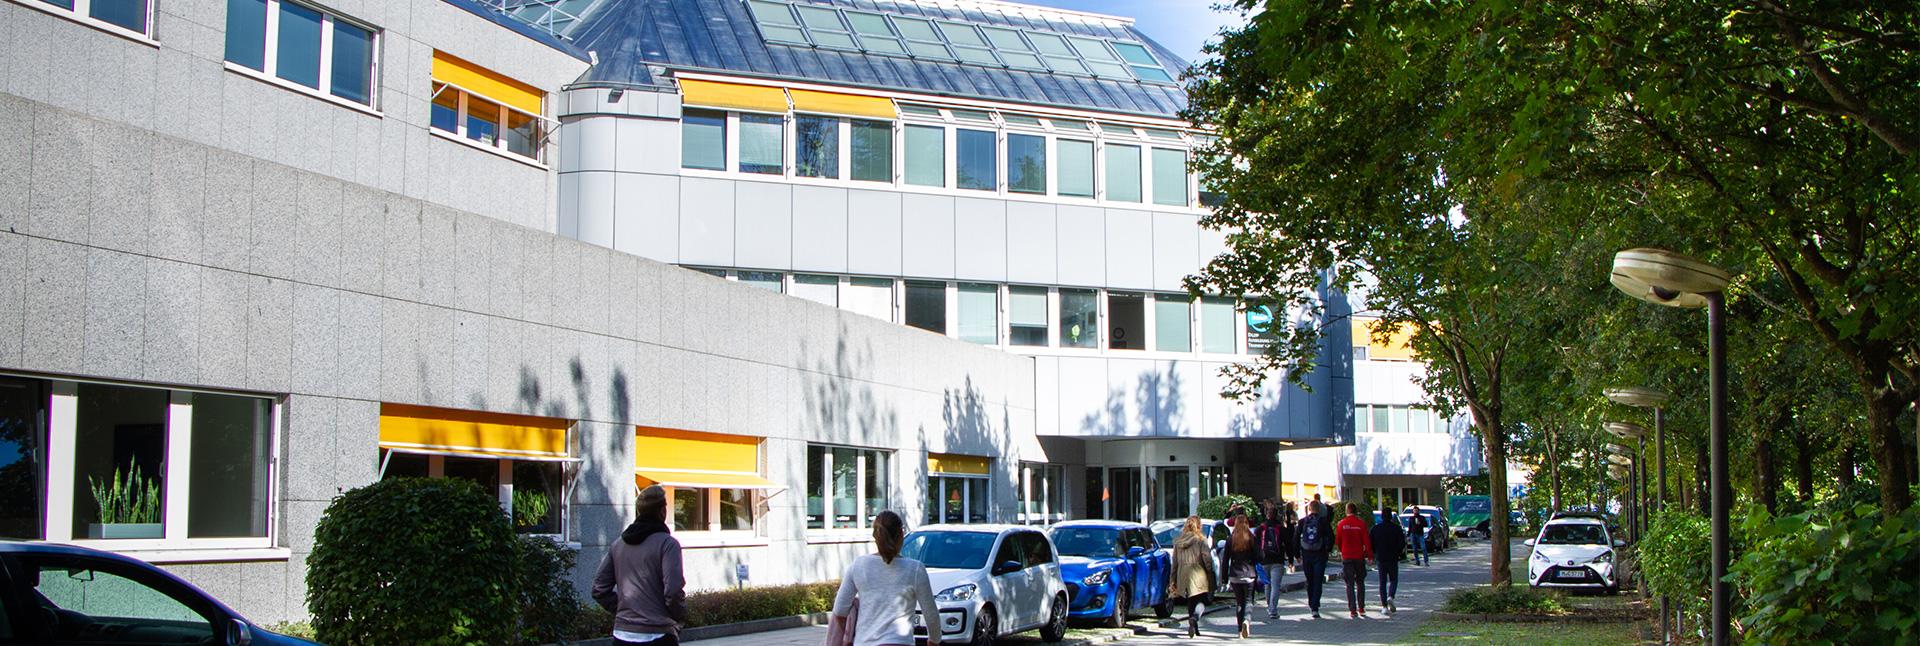 Studenten gehen zum Eingang des Ismaninger Standortes.